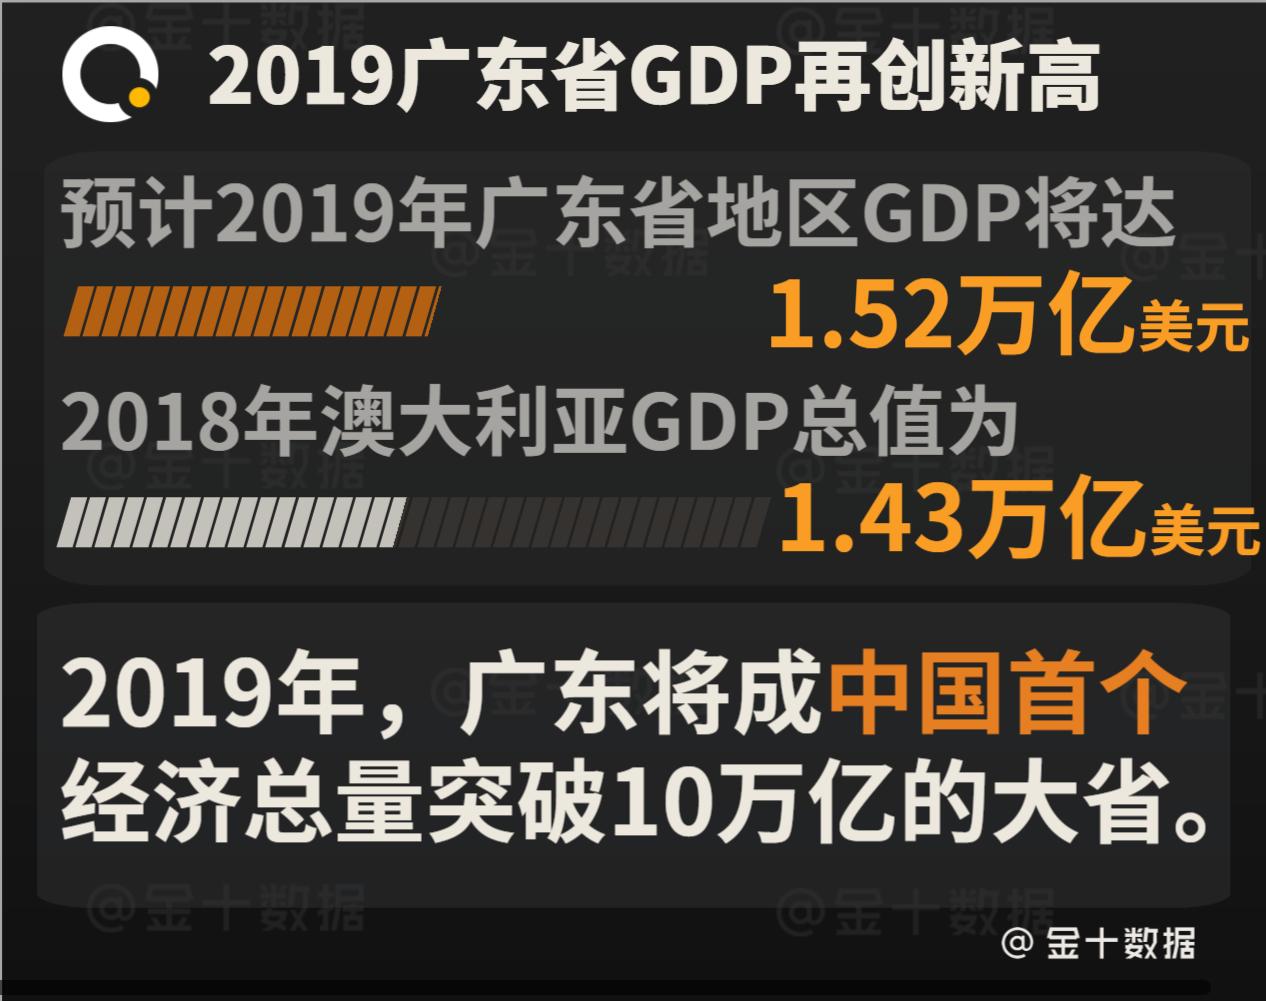 广东省经济总量及排位的分析_广东省地图